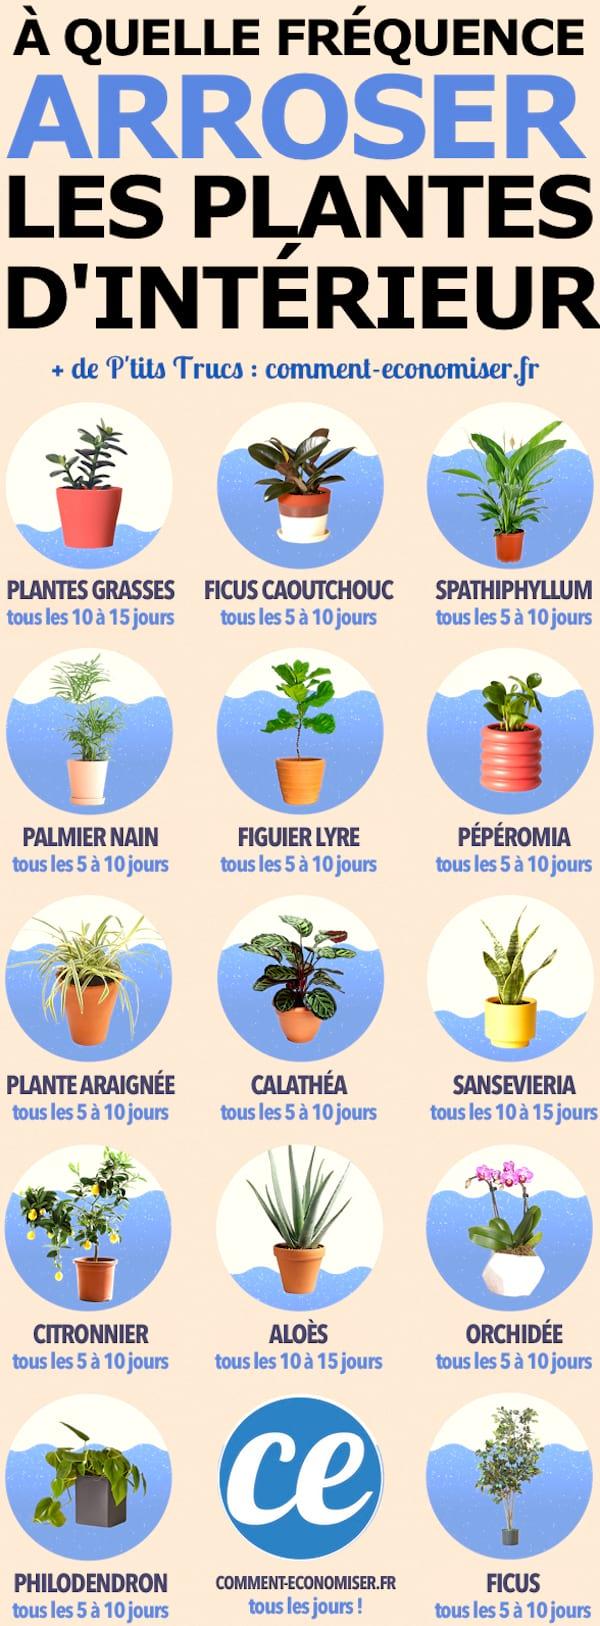 Découvrez le guide facile pour savoir quand arroser ses plantes d'intérieur.